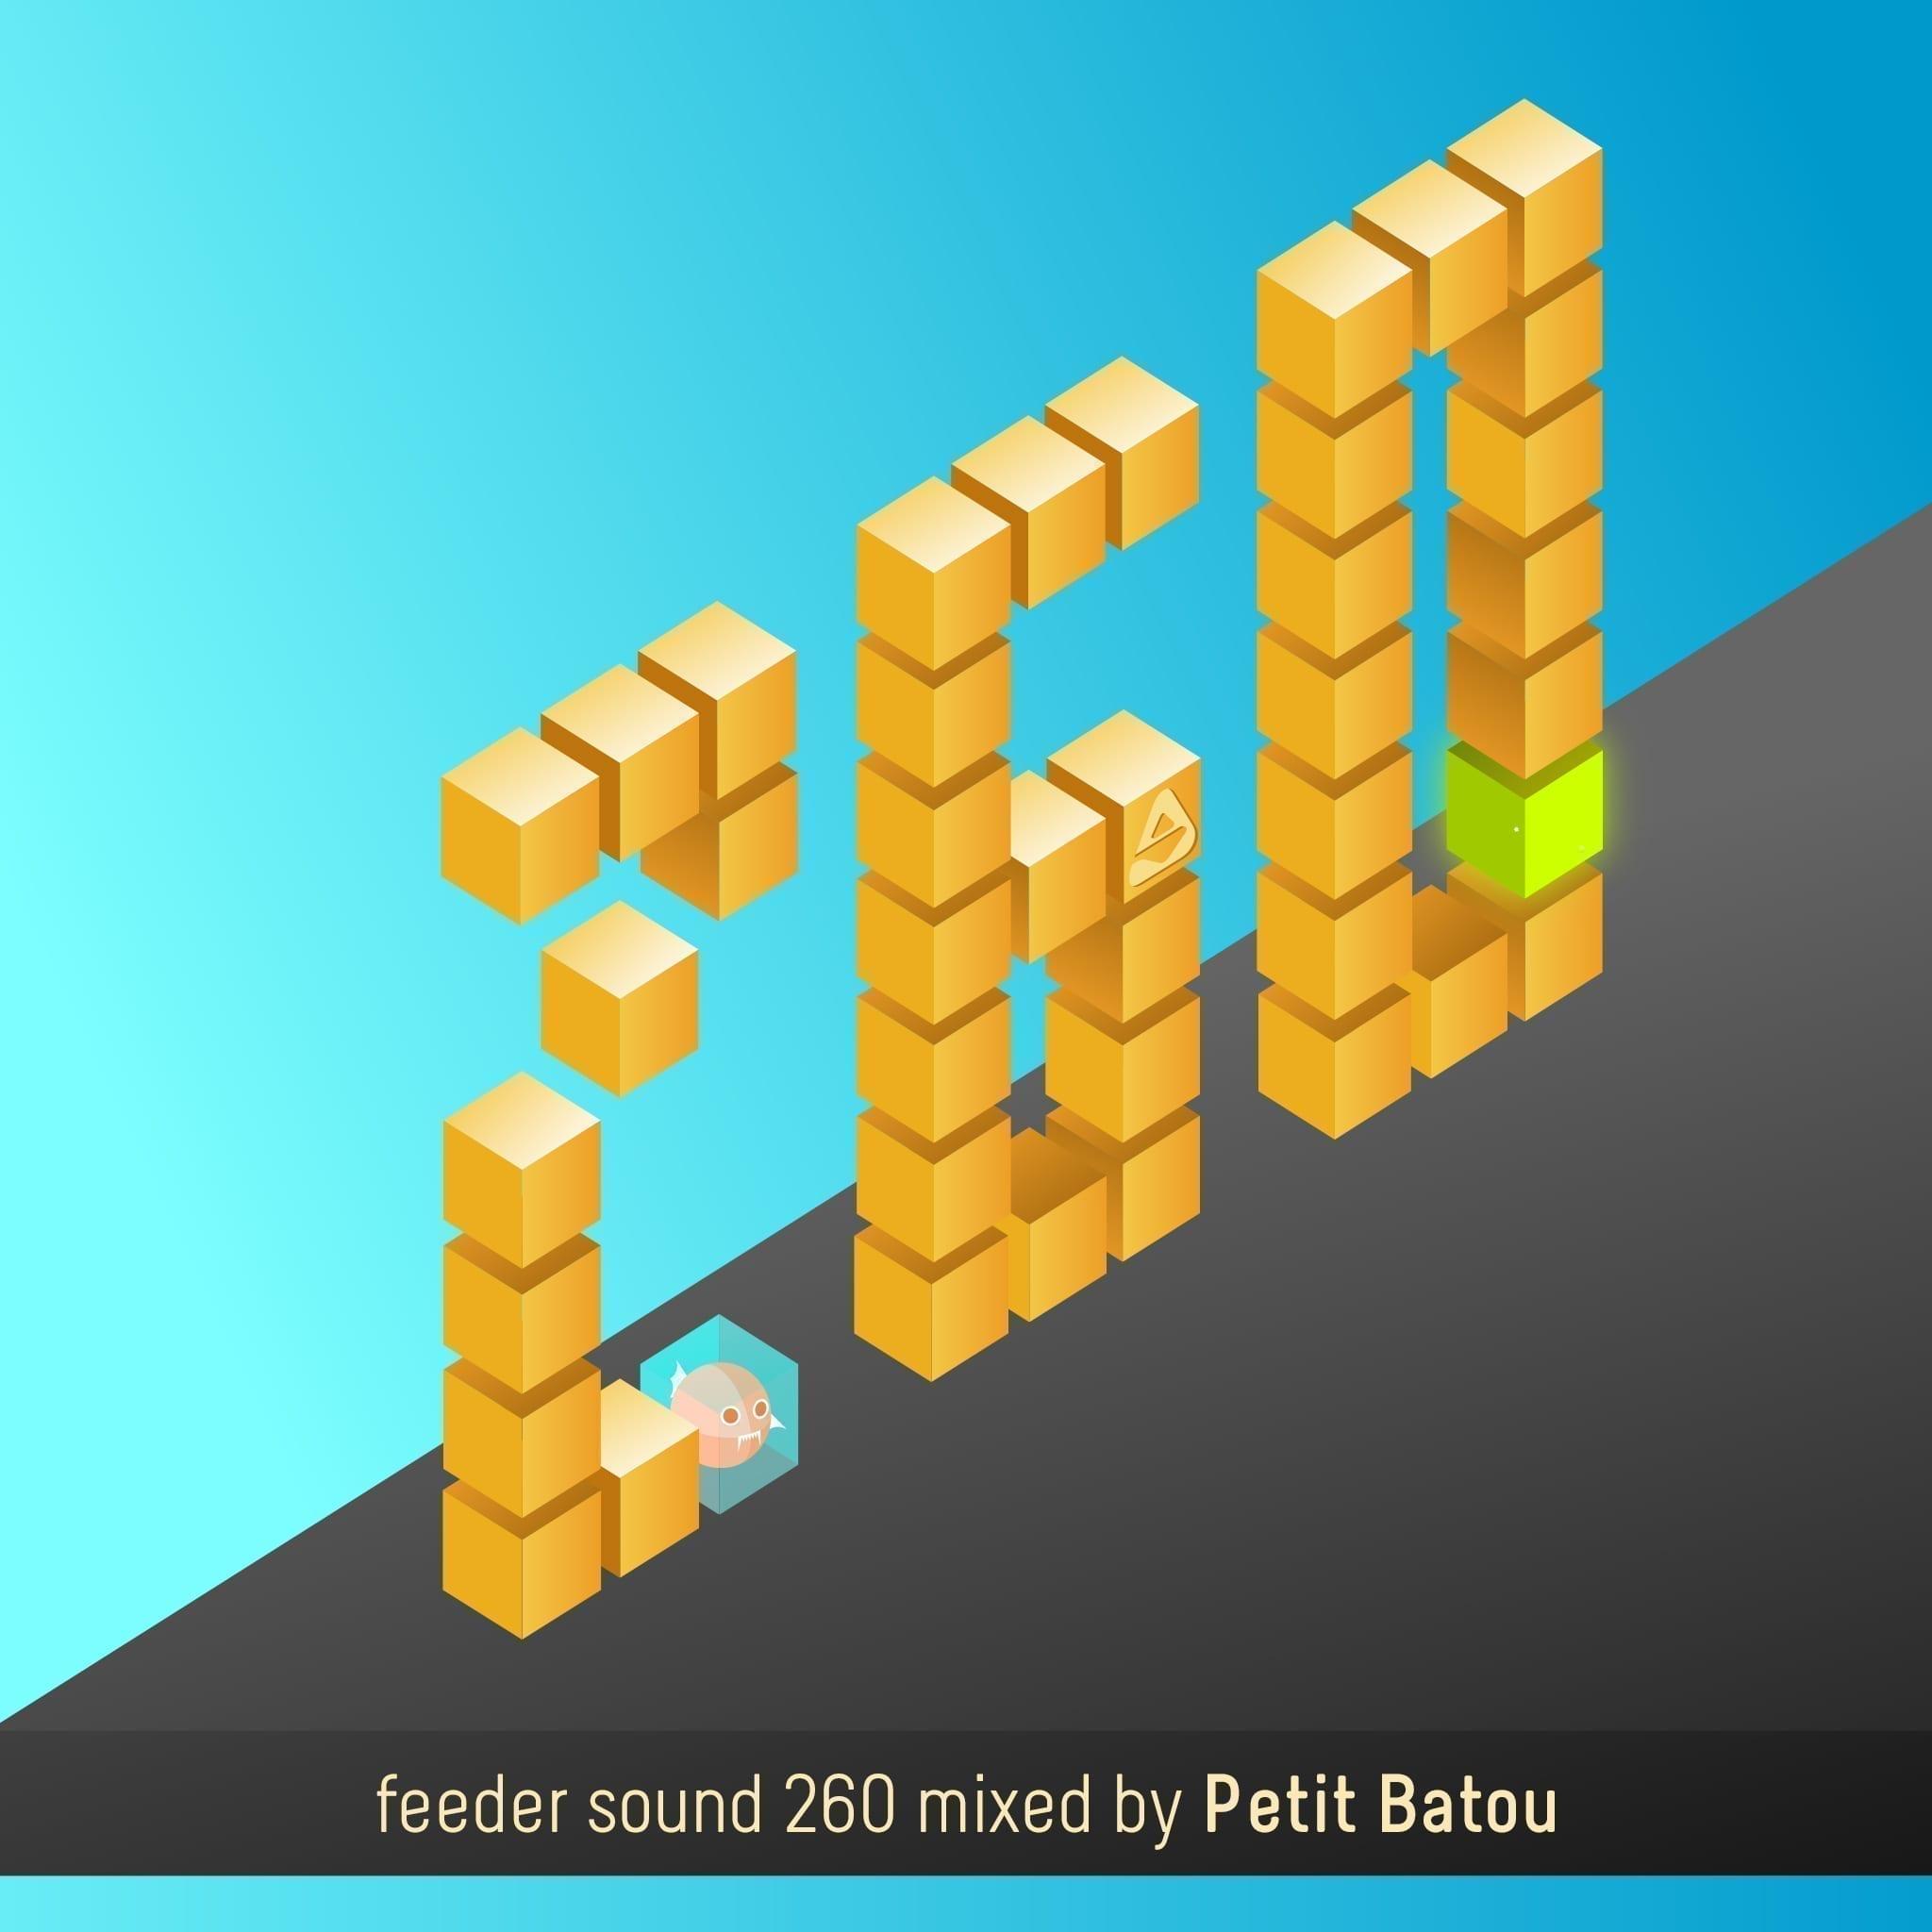 feeder sound 260 mixed by Petit Batou 01